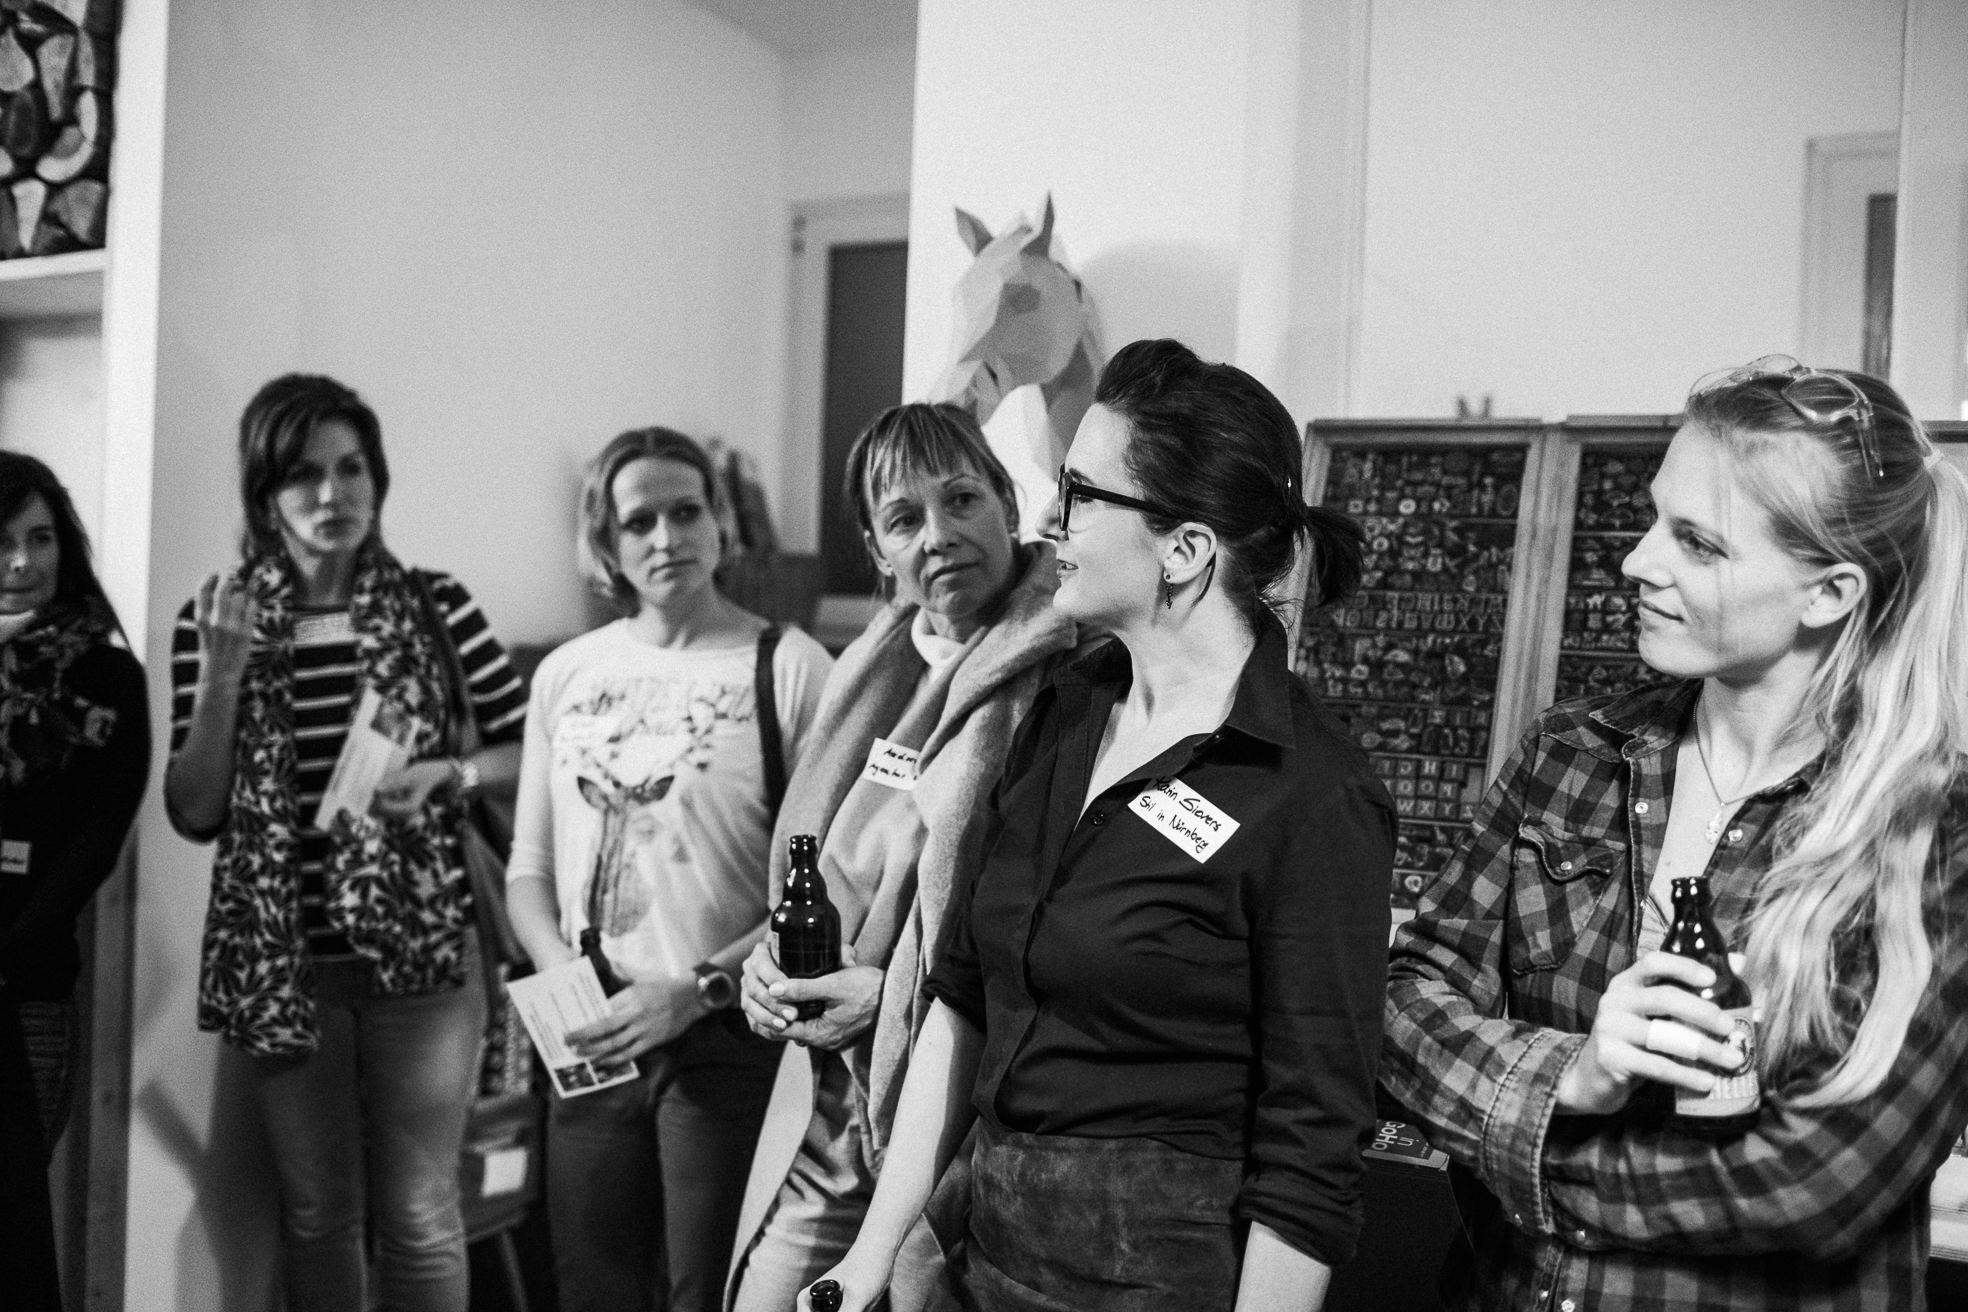 0012-Unternehmerinnen-Treffen-Anemoi--IM3C6730